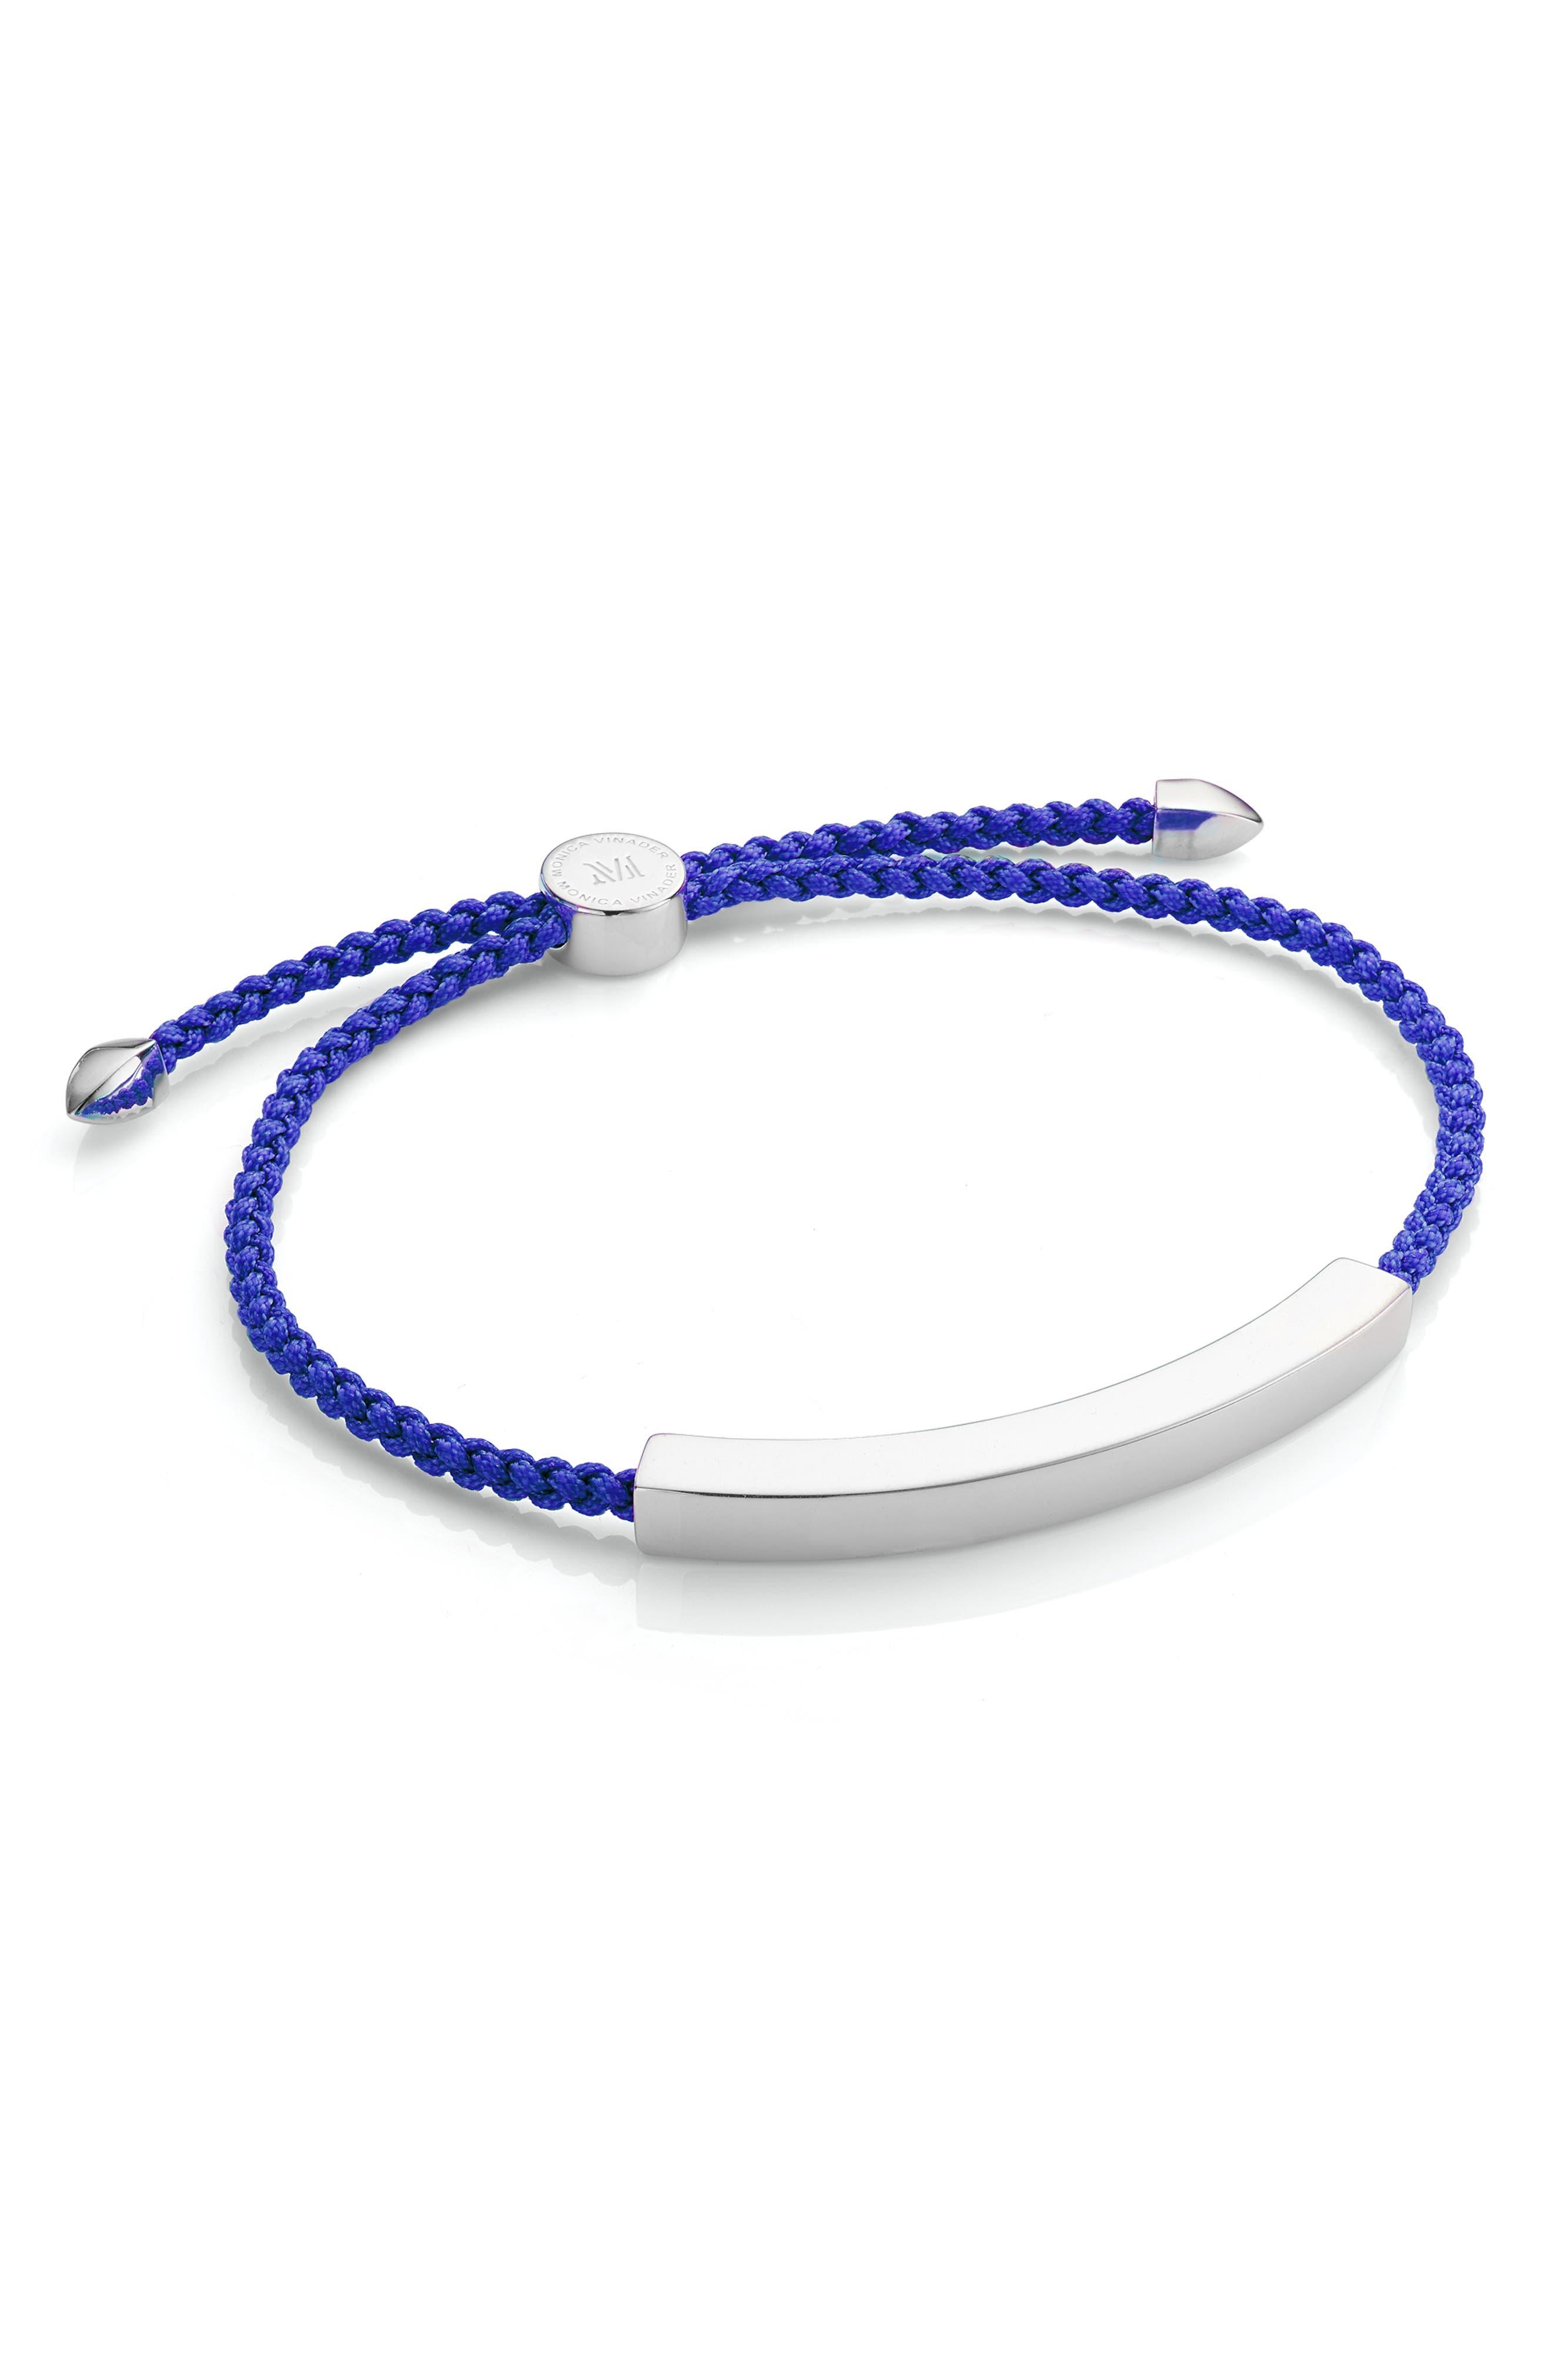 Engravable Men's Friendship Bracelet,                         Main,                         color, Silver/ Majorelle Blue